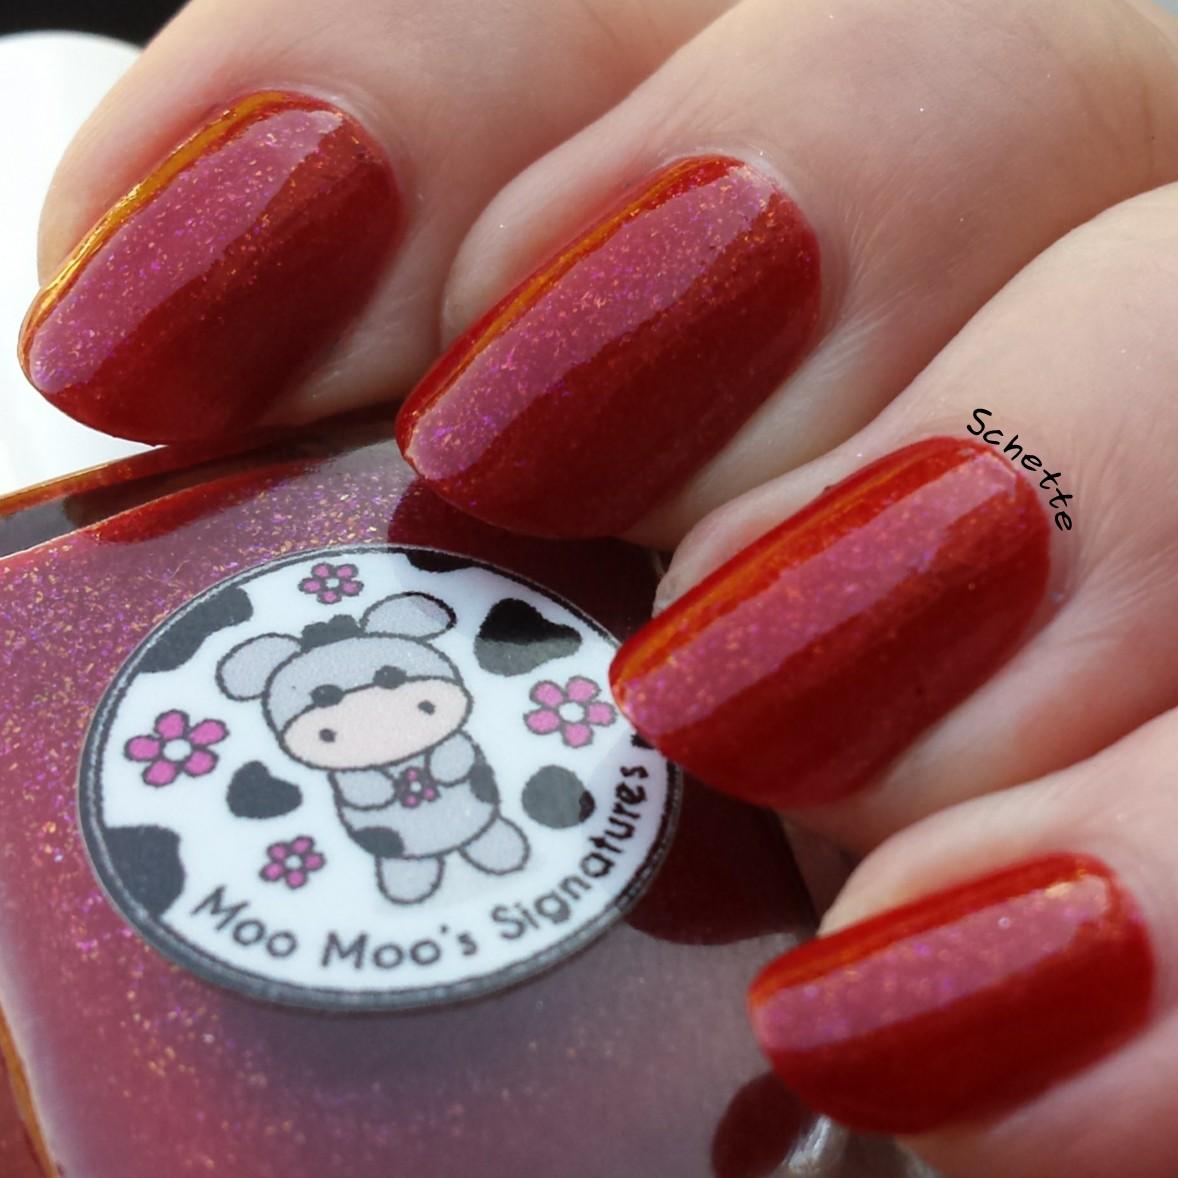 Moo Moo's Signatures - Moo's <3